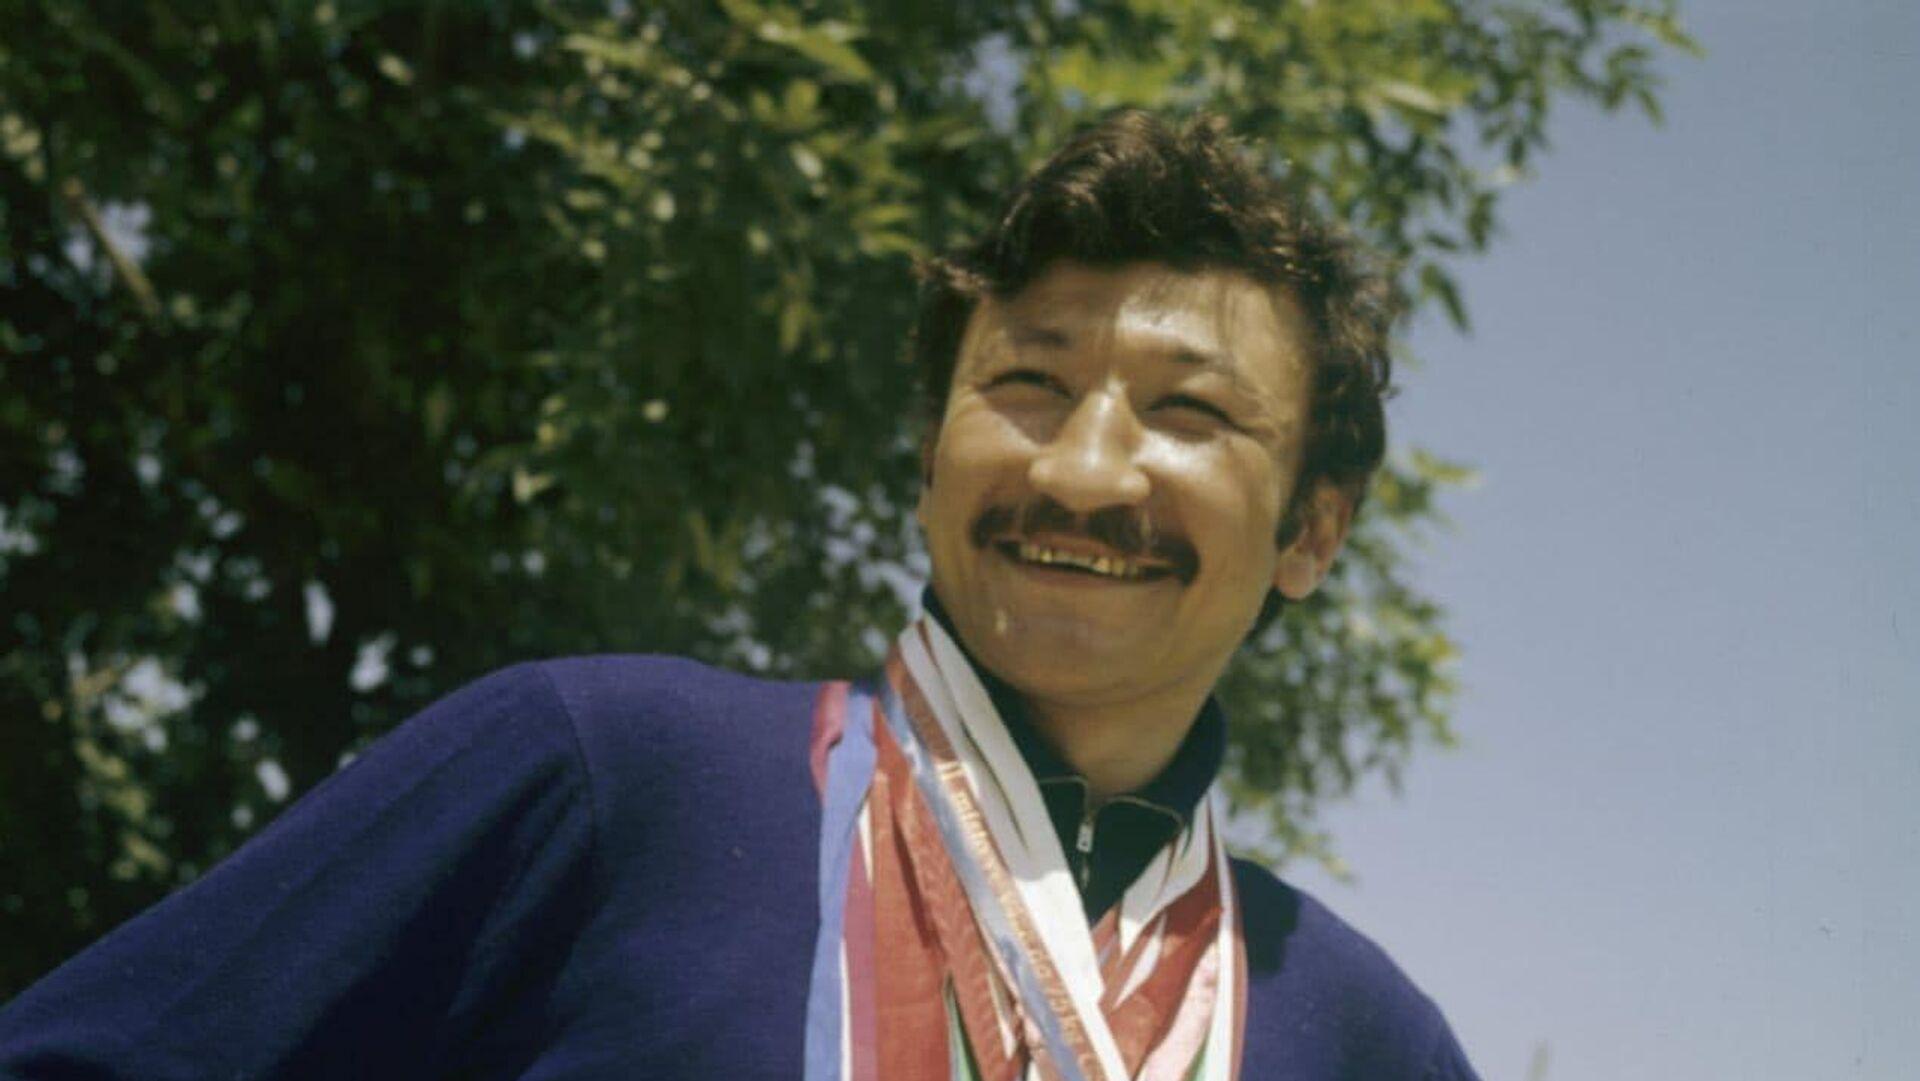 Ташкентский тигр: легендарный узбекистанский боксер Руфат Рискиев отмечает 72-летие - Sputnik Узбекистан, 1920, 02.10.2021